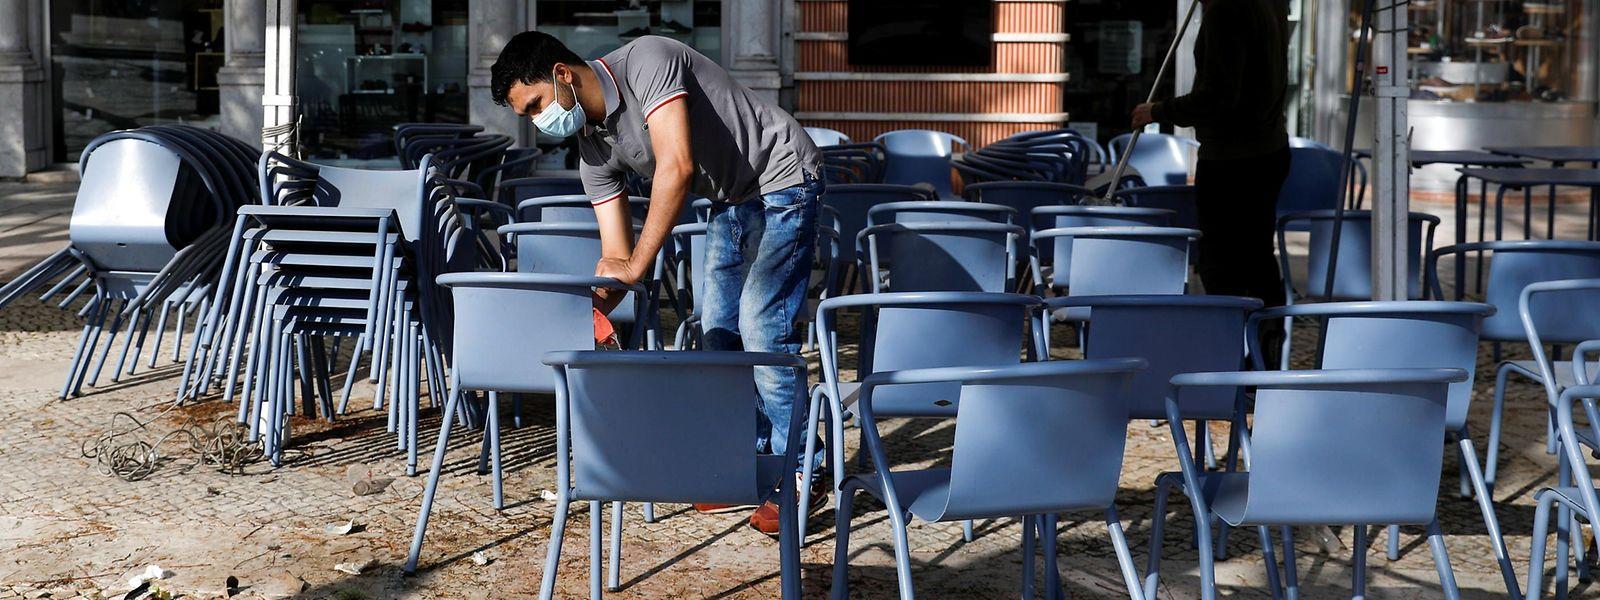 Dans 16 nouvelles villes, les cafés et restaurants devront également fermer plus tôt, dès 22h30 en semaine et à 15h30 le weekend.